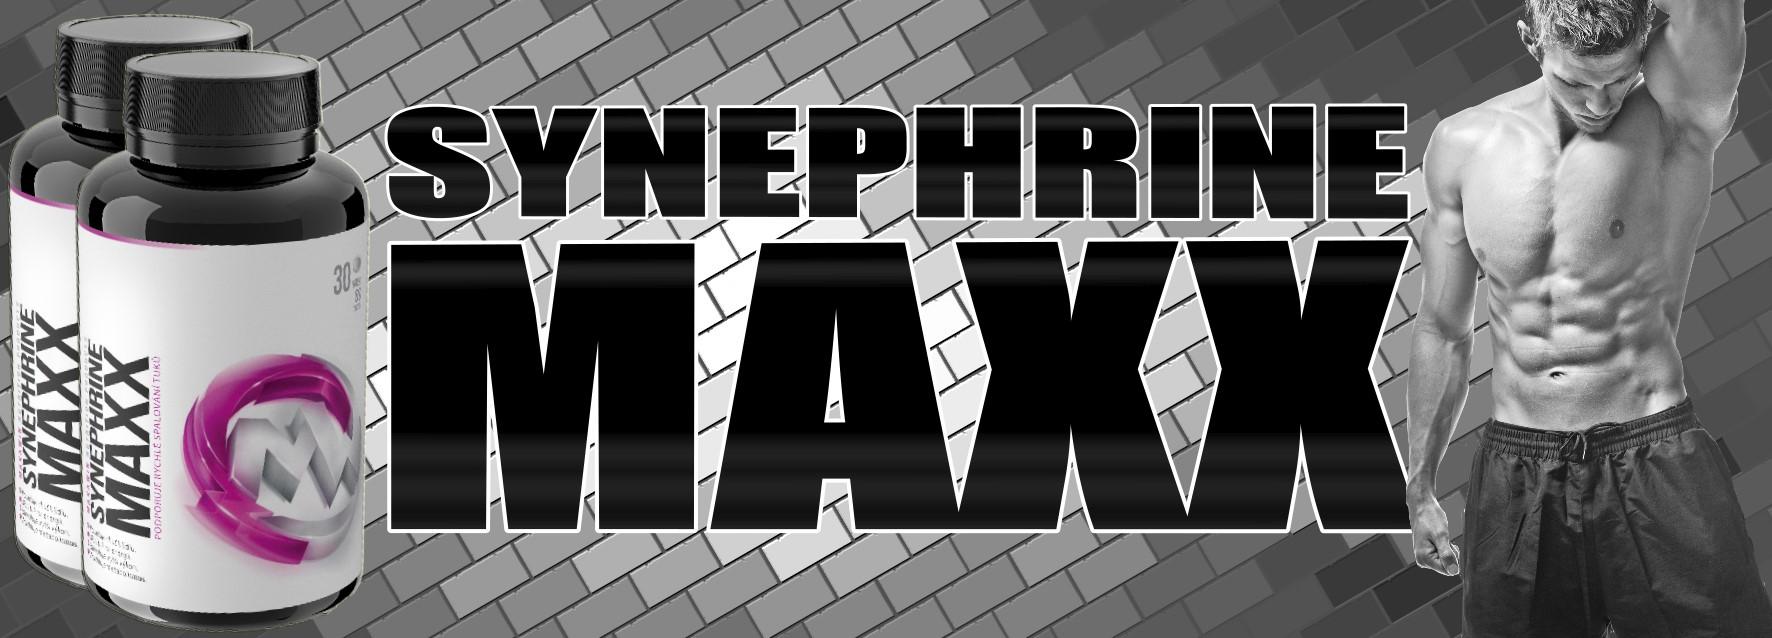 http://bull-attack.com/images/synephrine-maxx-banner.jpg